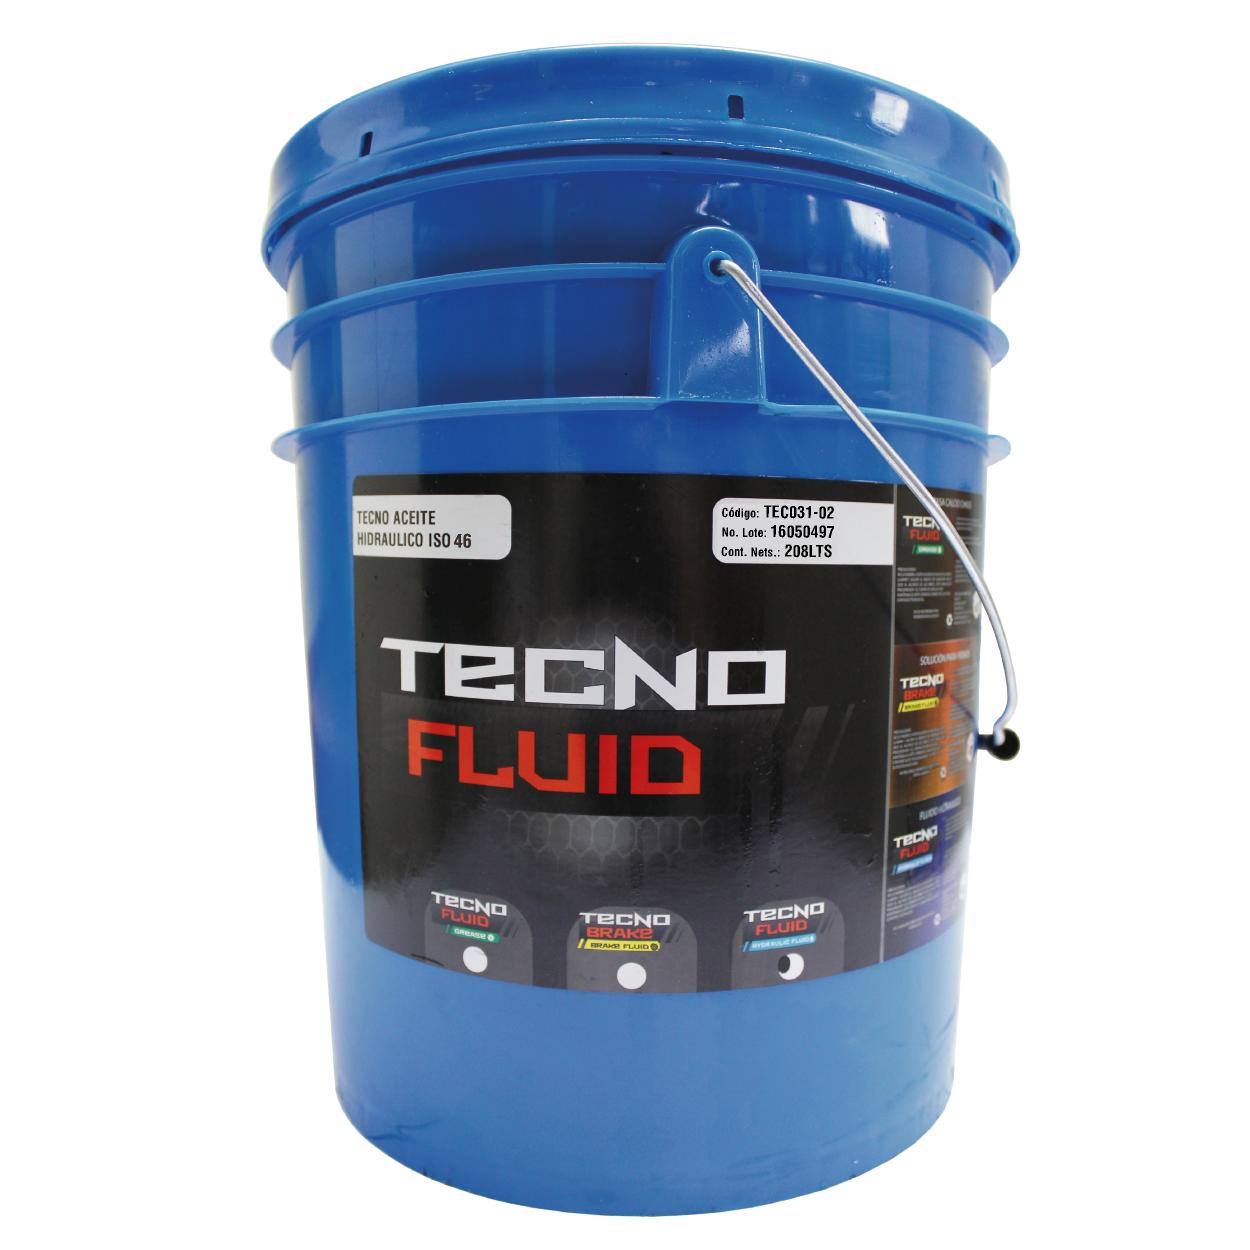 TECNOHID04 TECNO ACEITE HIDRAULICO ISO 46 – 19 LTS_Mesa de trabajo 1